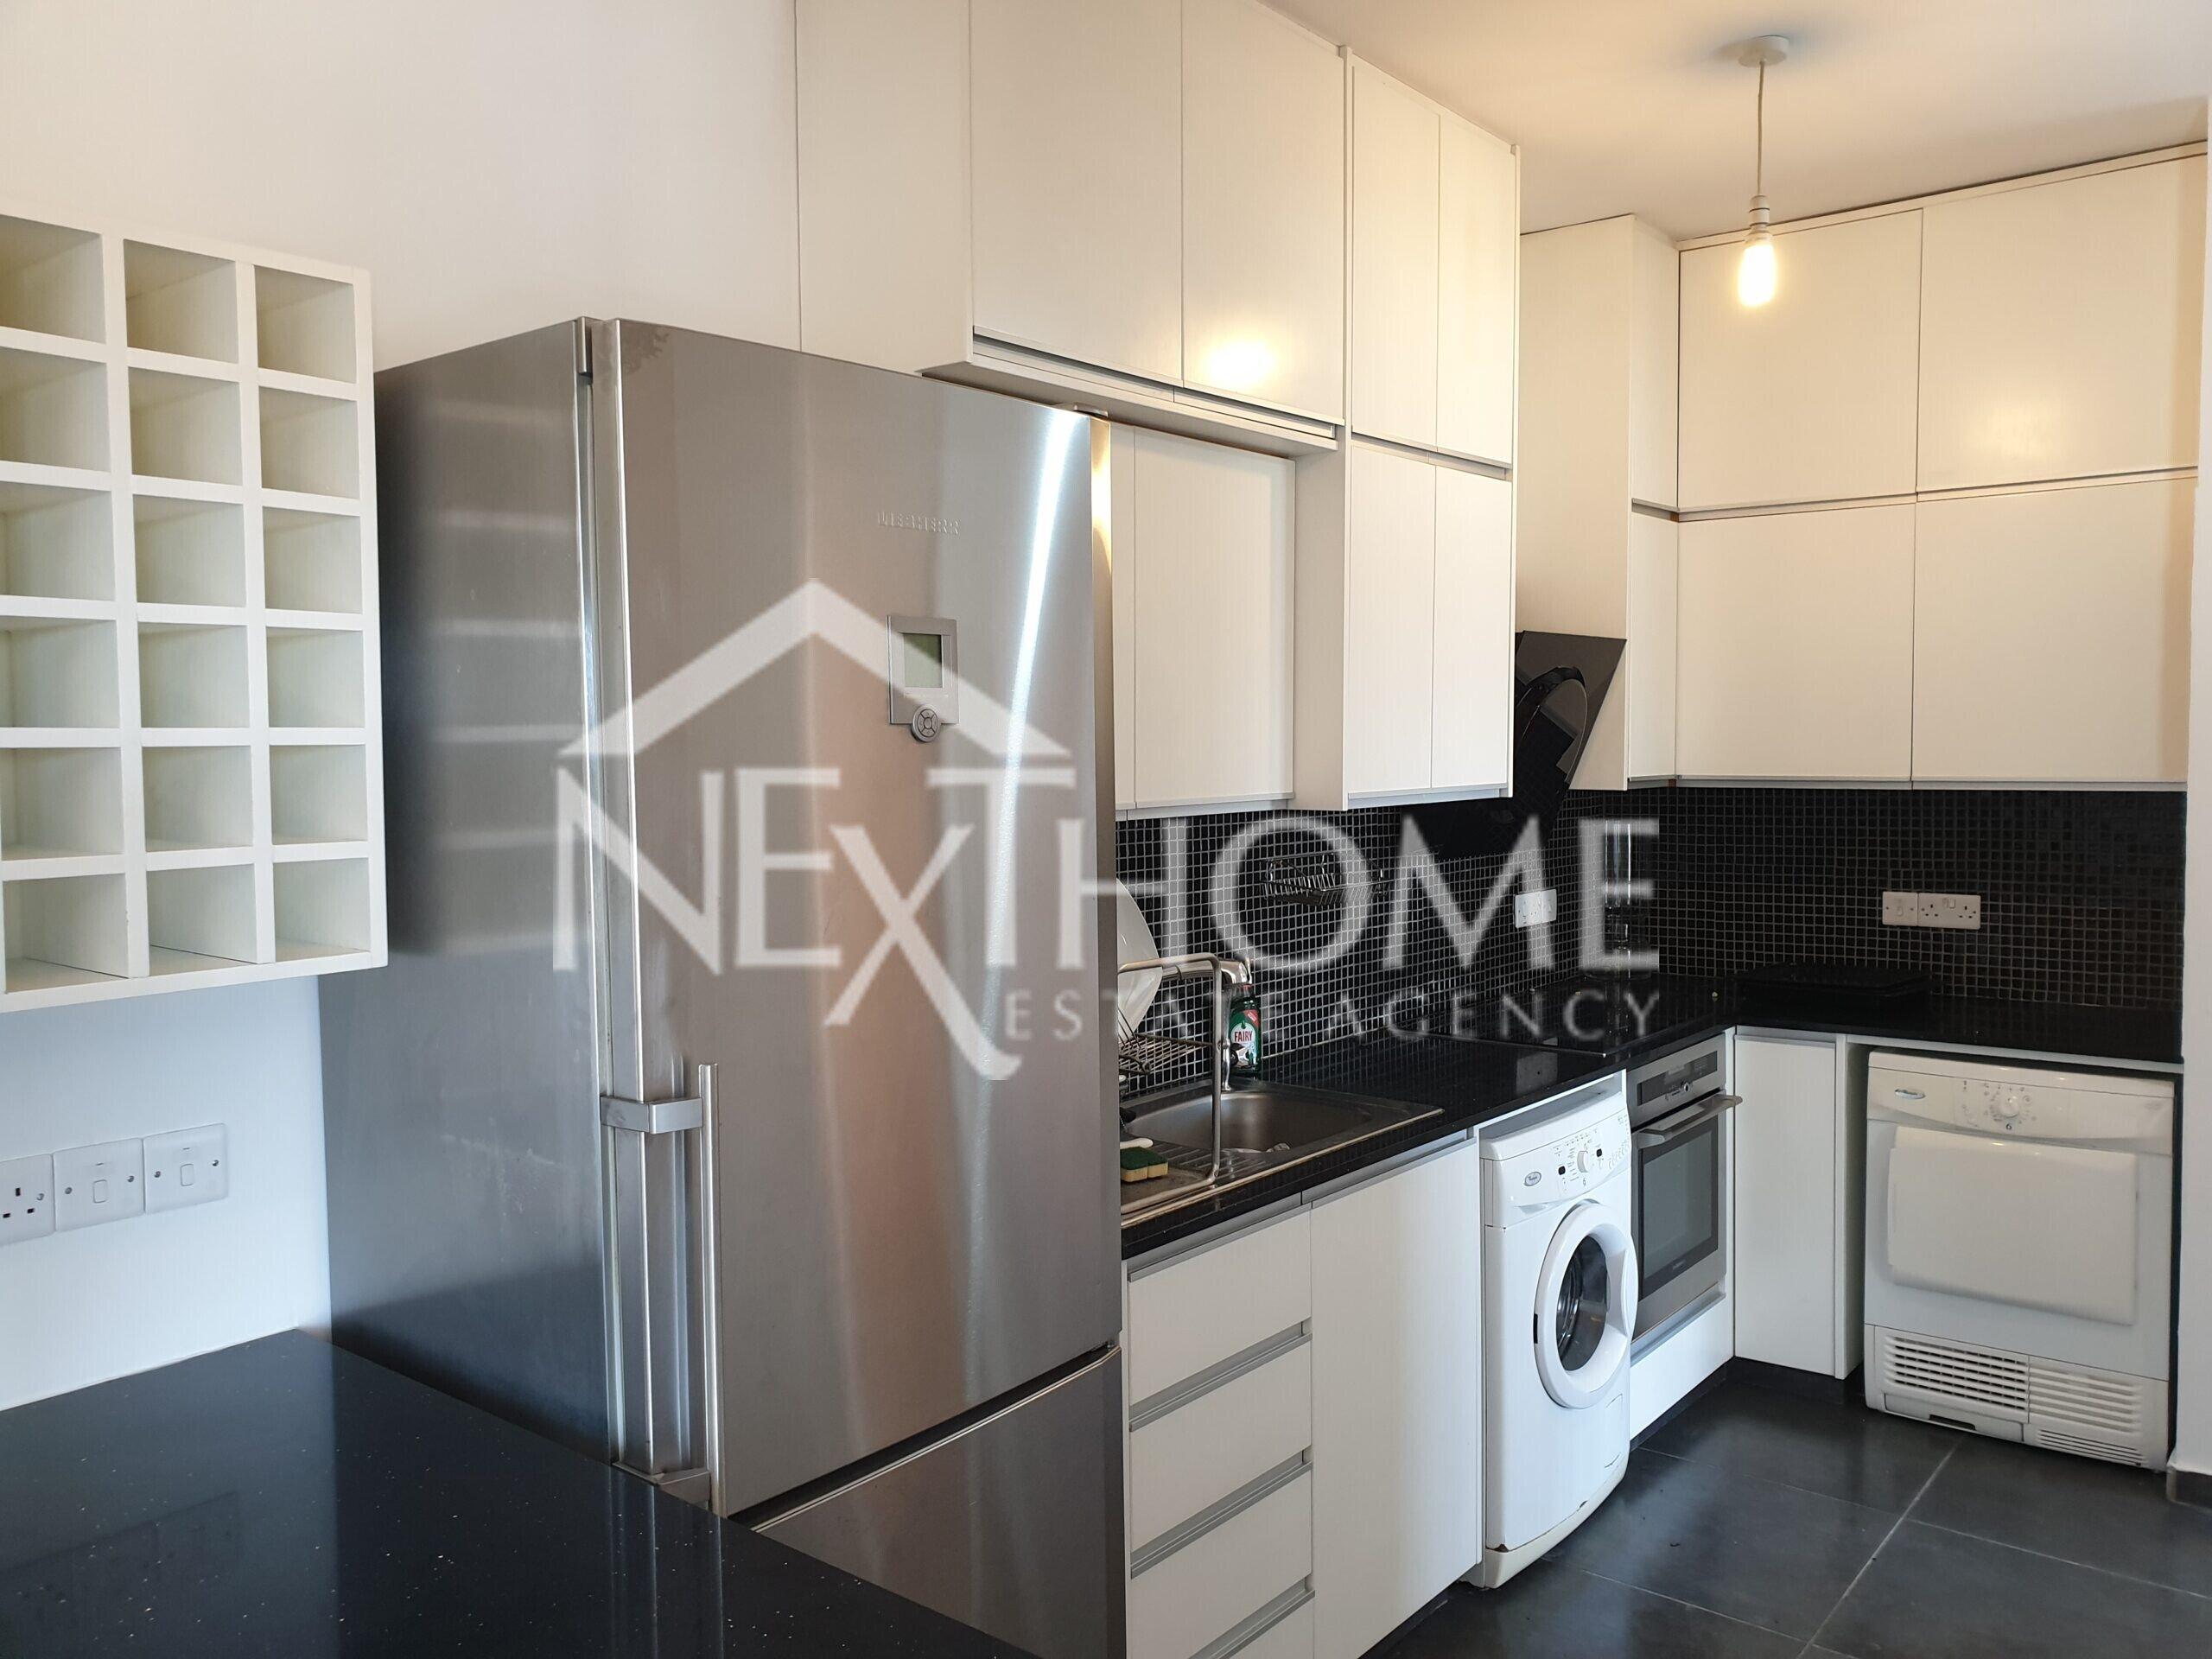 2 bedroom flat for rent in Drosia area, Larnaca